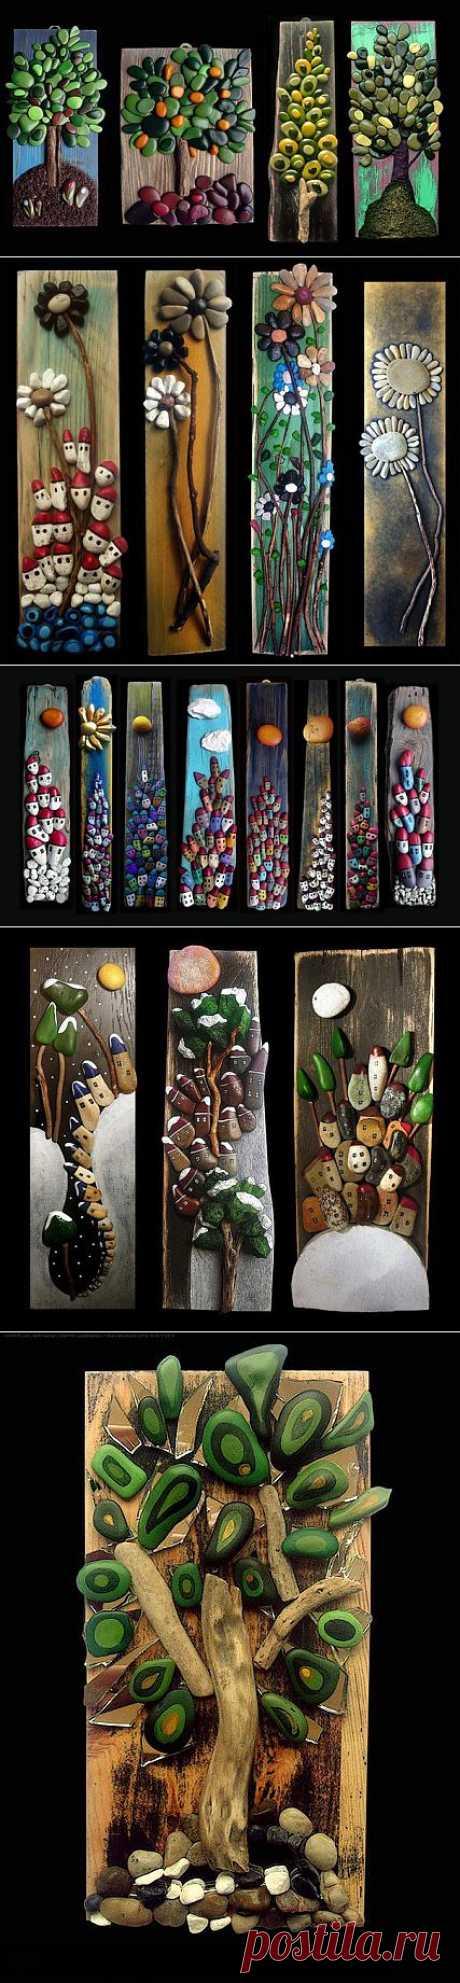 Потрясающие работы из камешков   СВОИМИ РУКАМИ